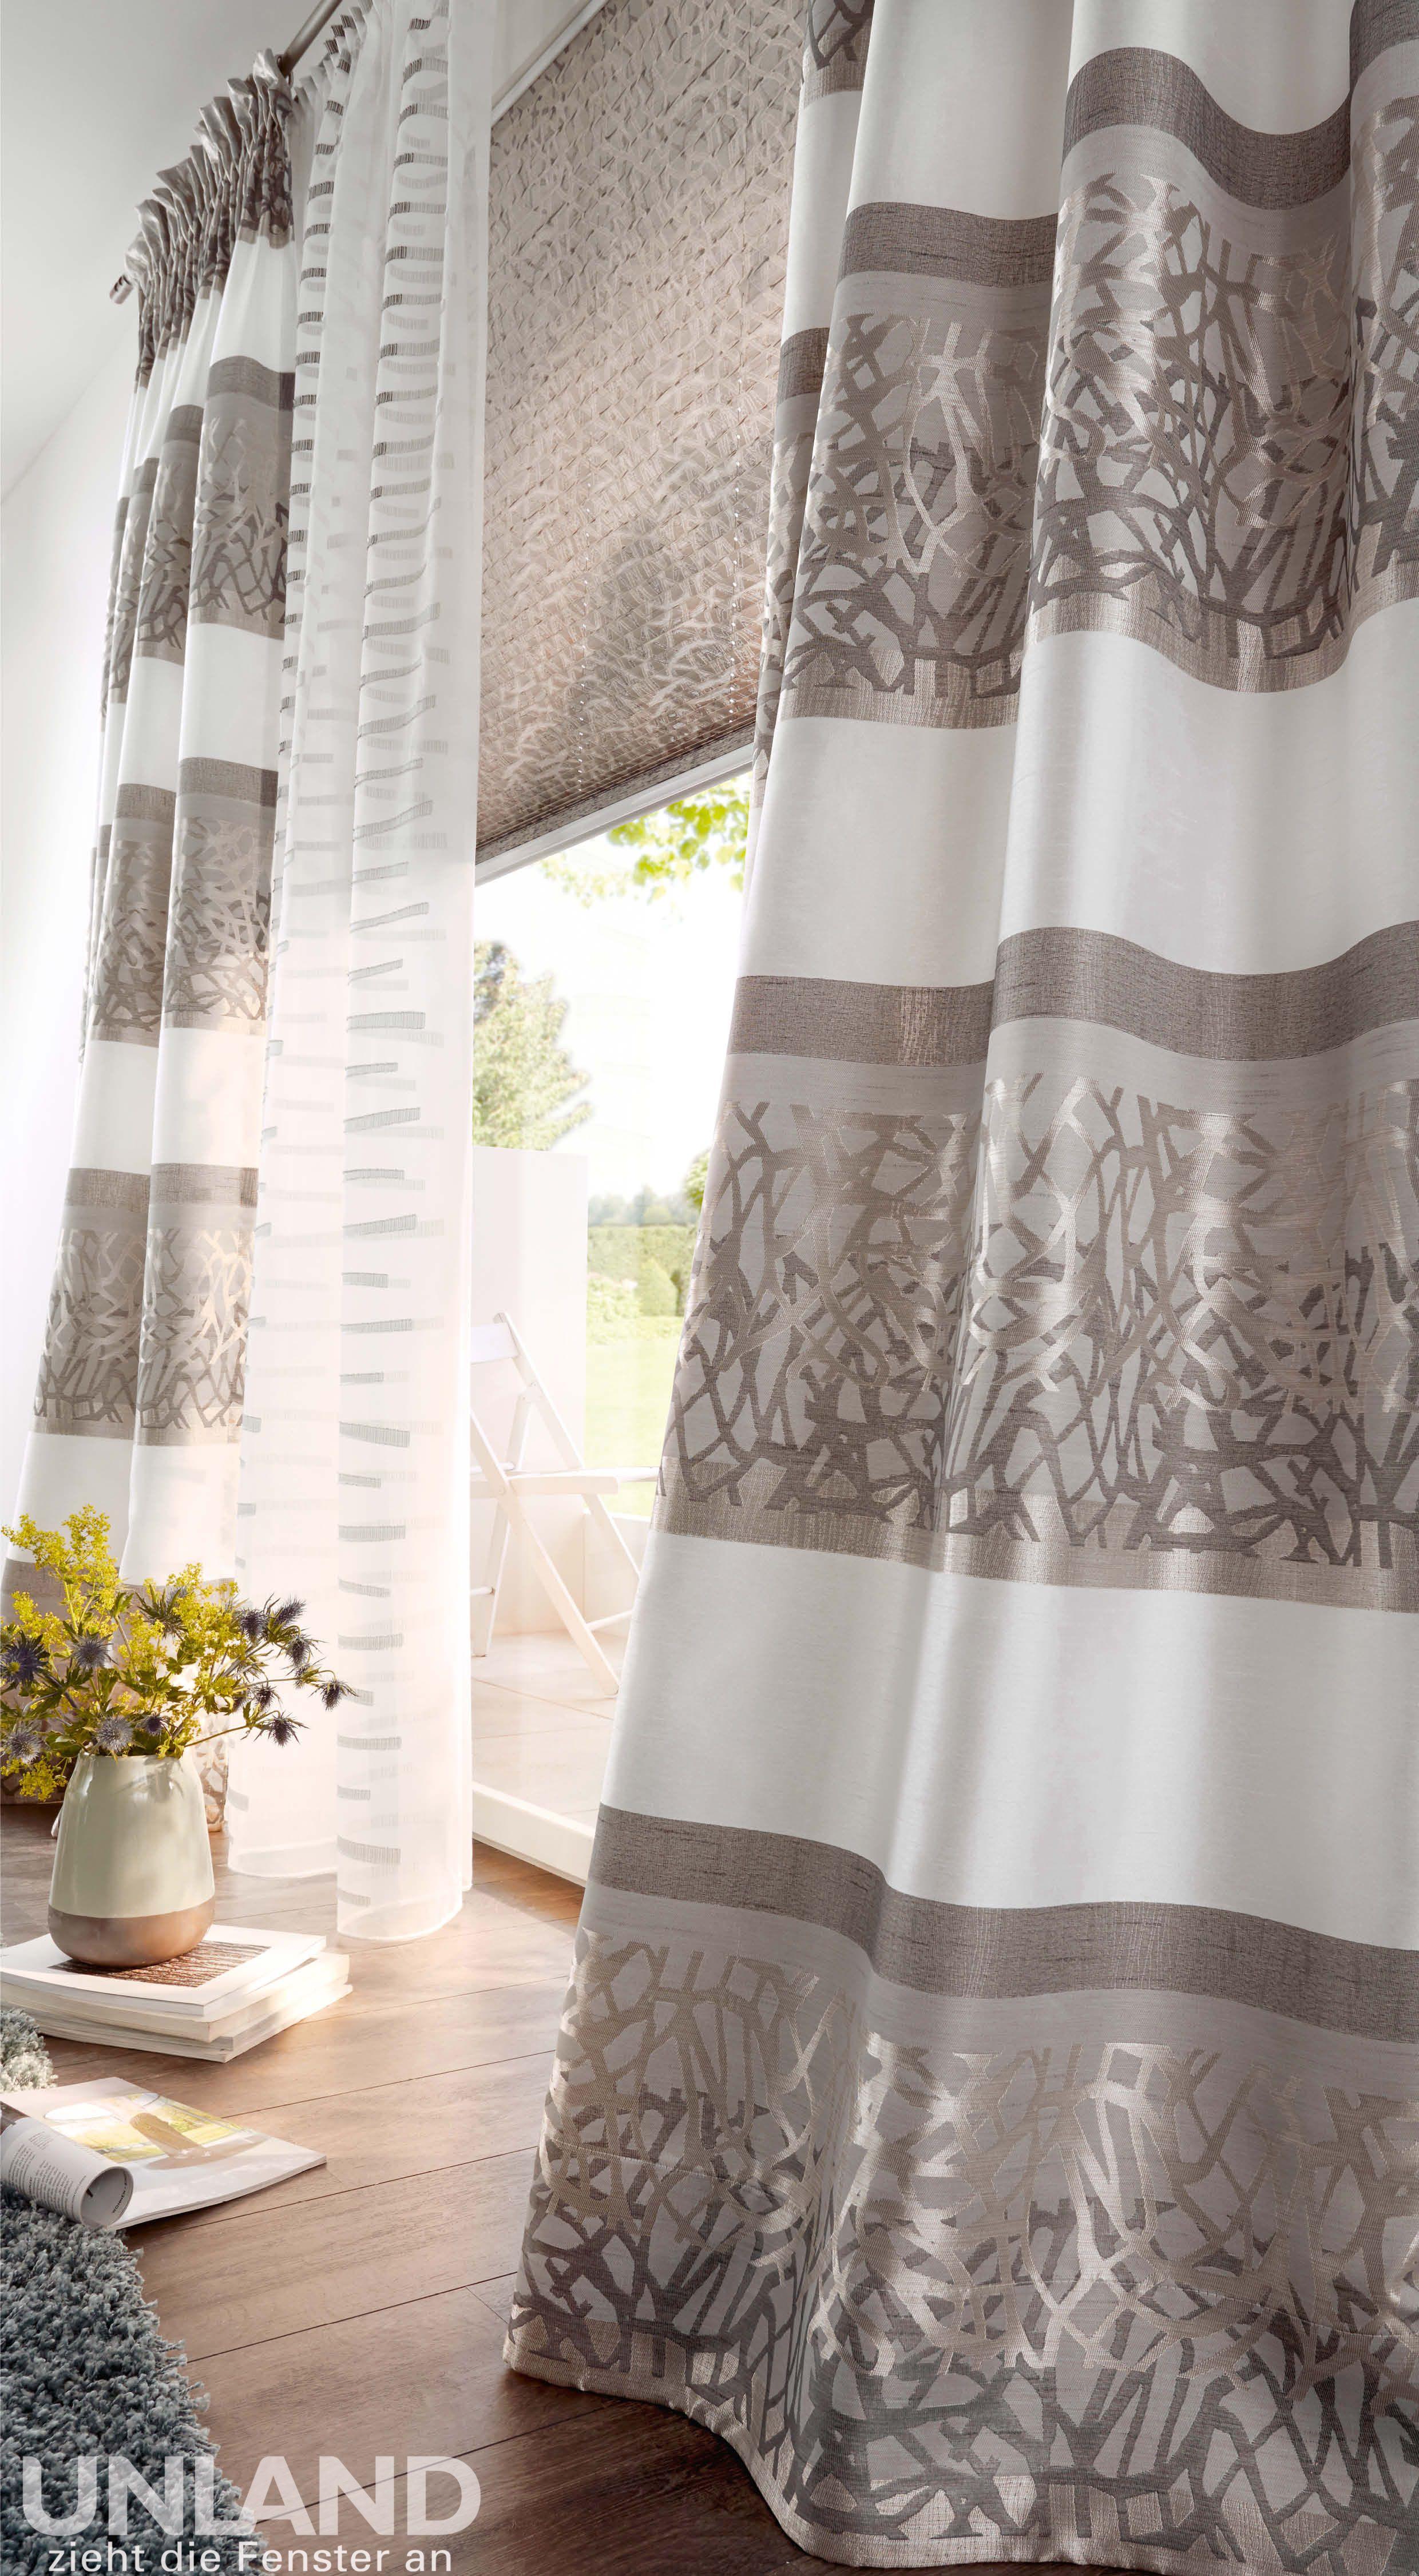 gardinen wohnzimmer doppelfenster : Unland Casa Vorhang Fensterideen Gardinen Und Sonnenschutz